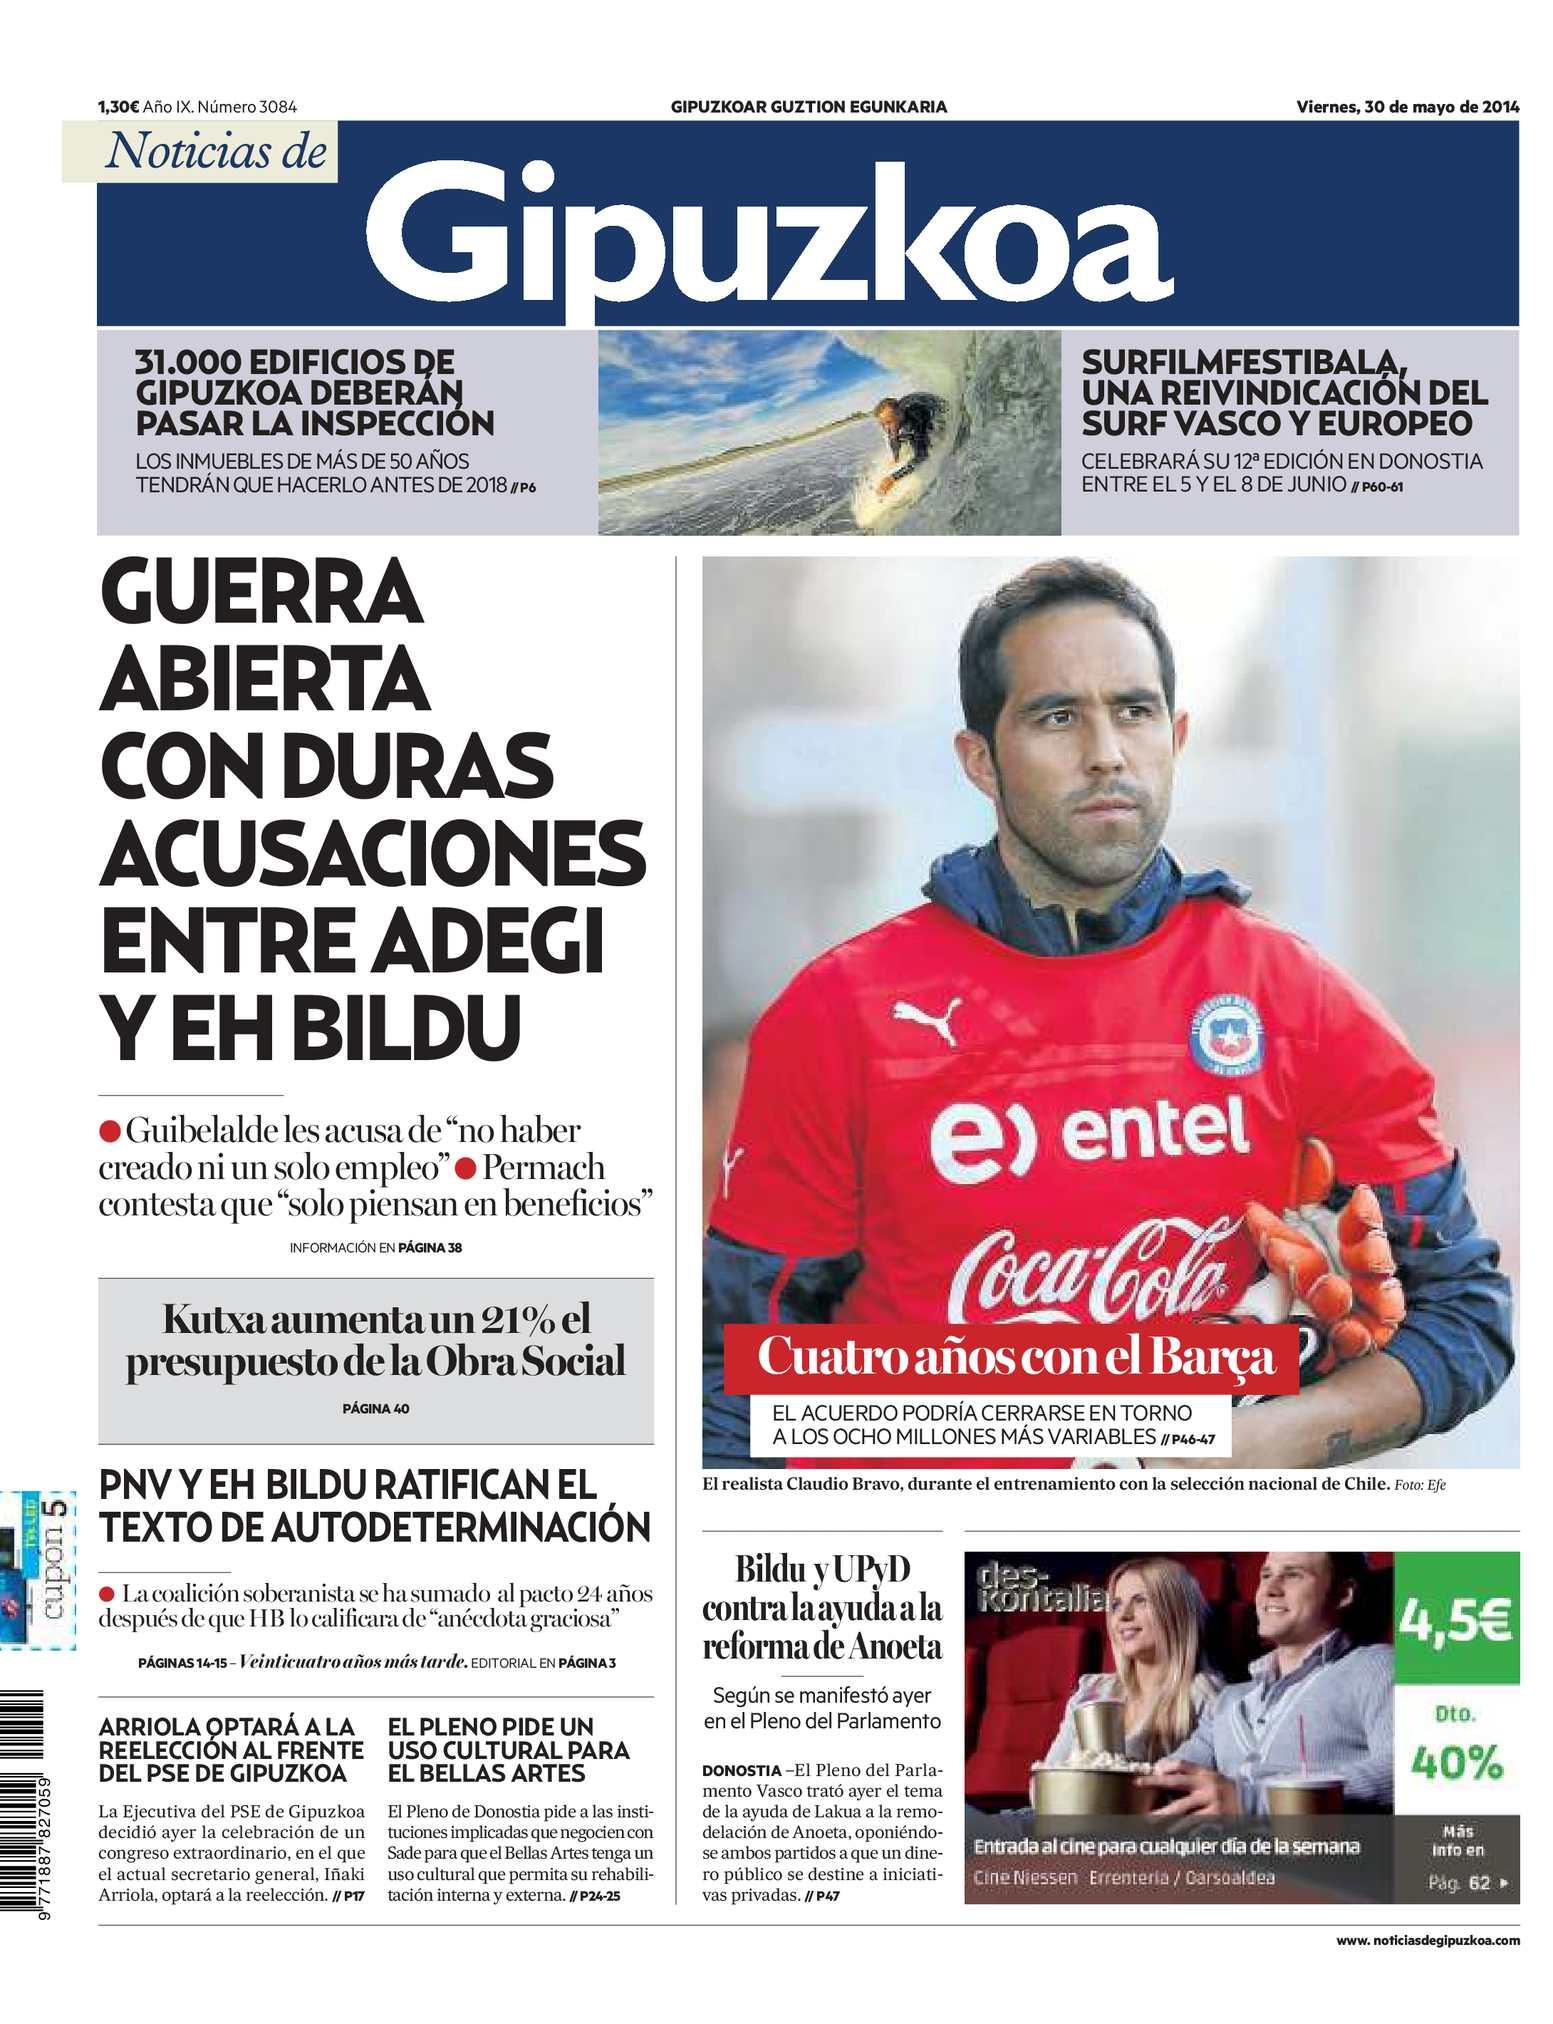 Calaméo - Noticias de Gipuzkoa 20140530 a6a51bd3b916b